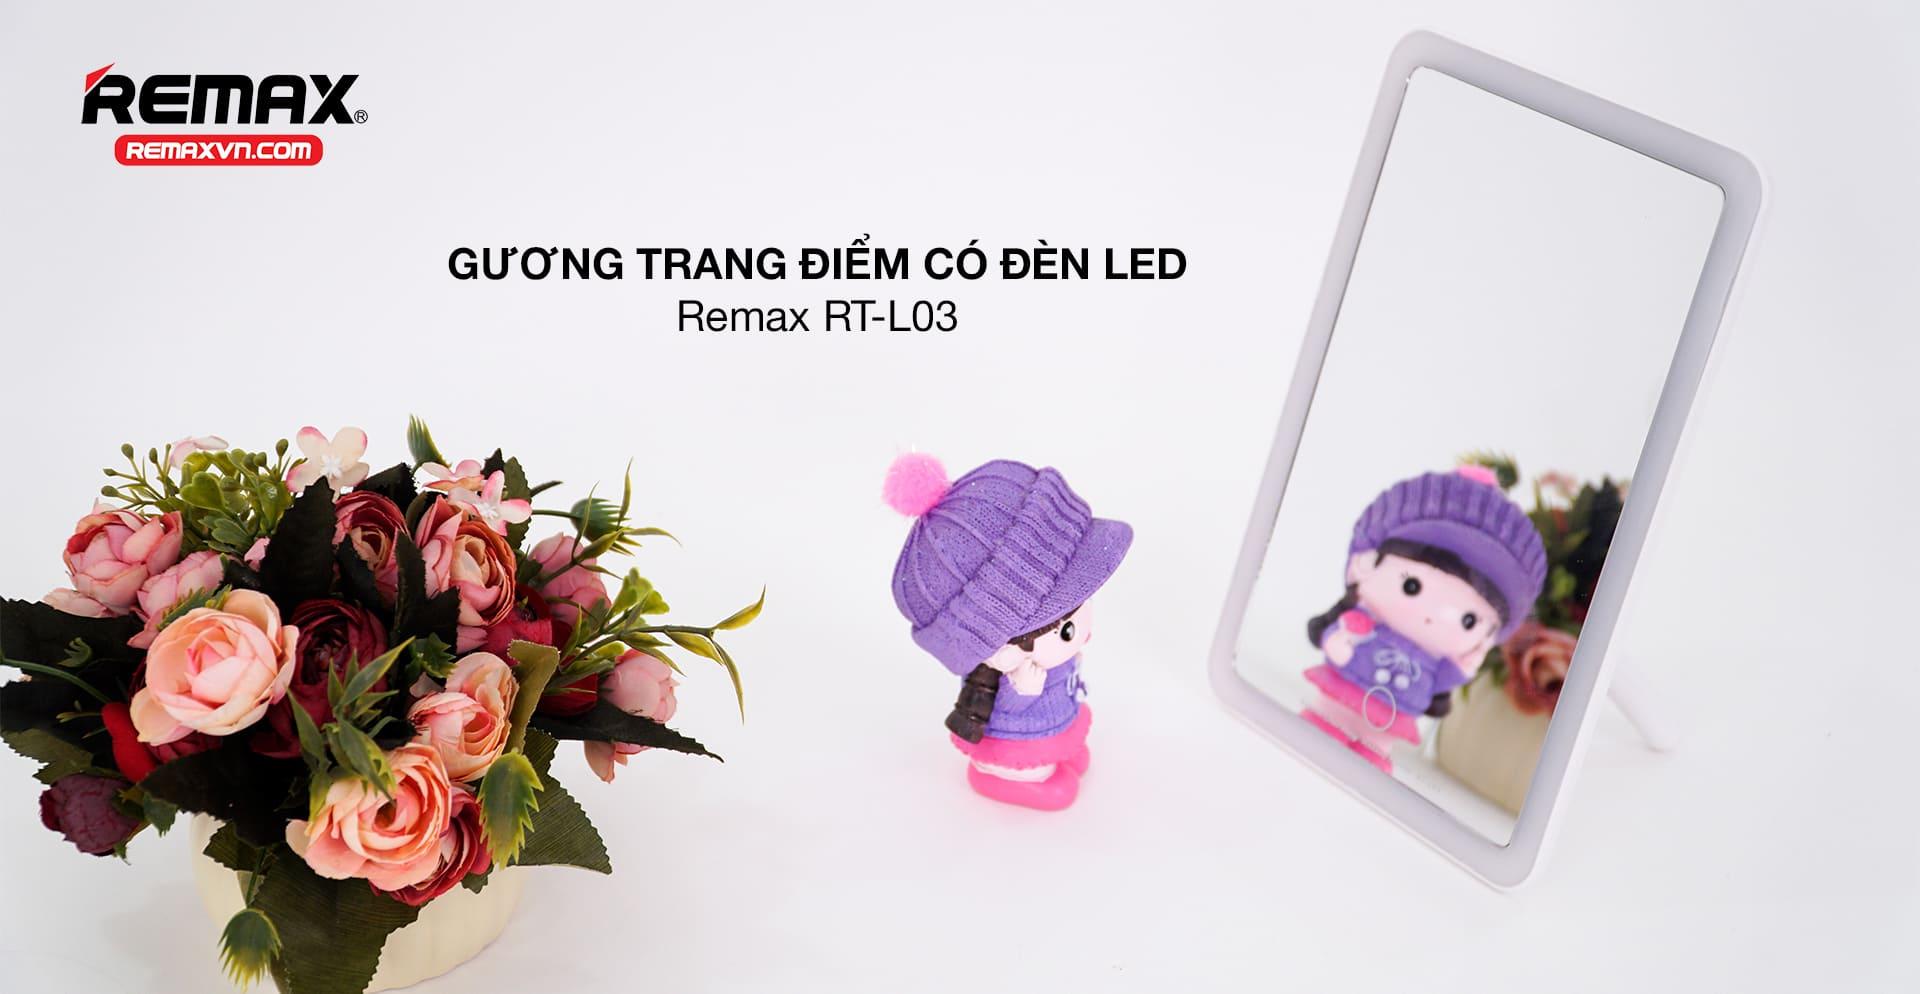 Gương trang điểm có đèn led RT-L03